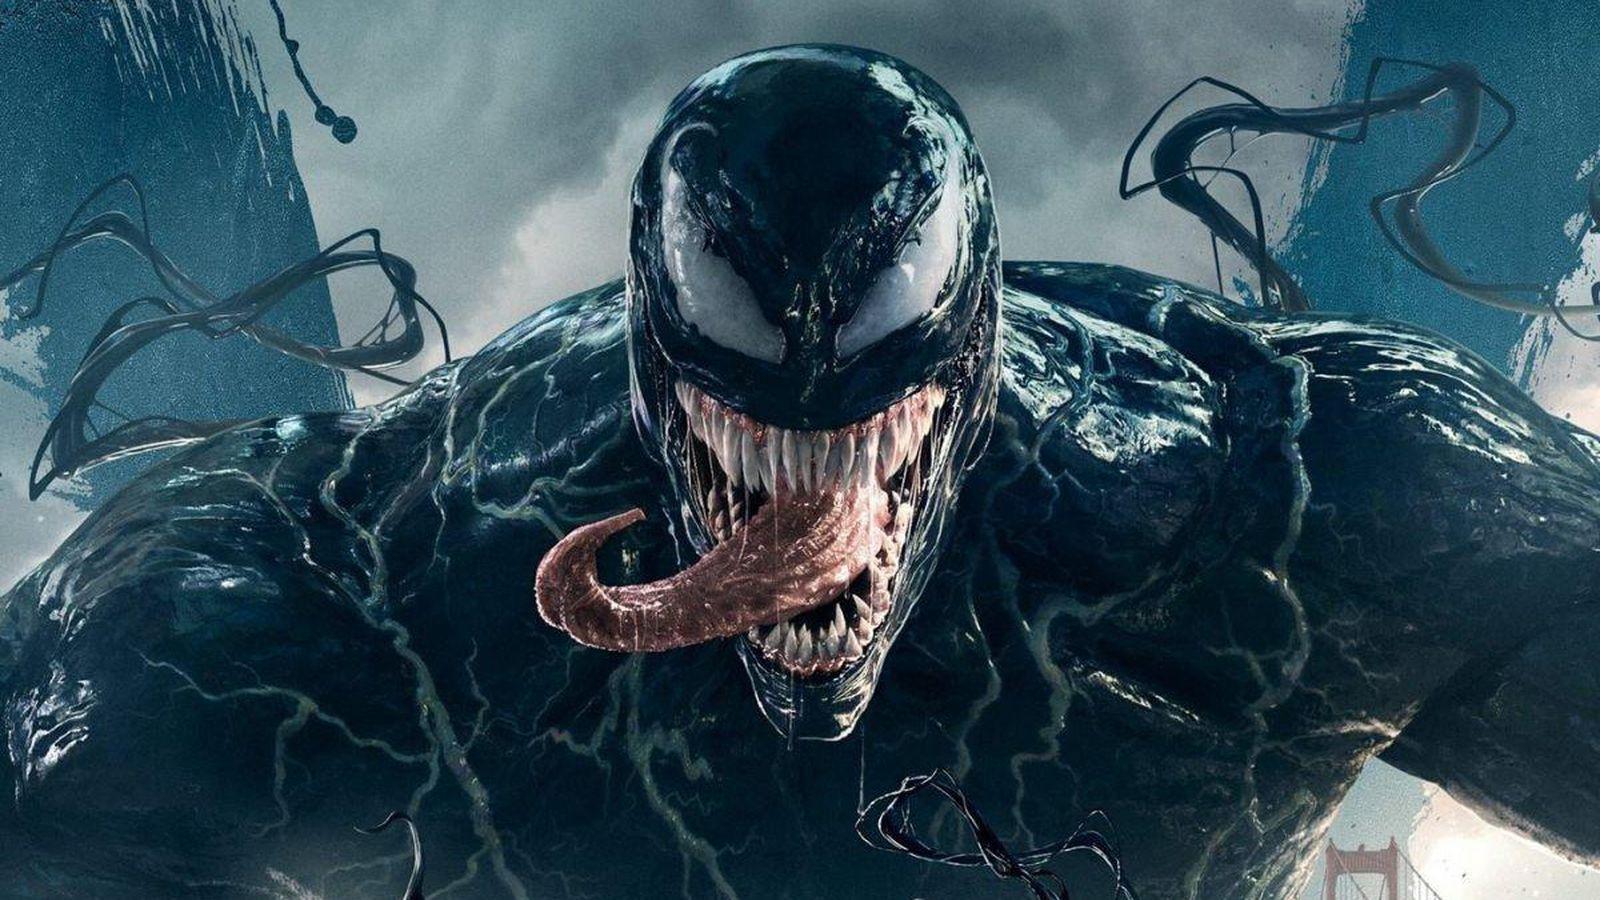 میزان فروش فیلم Venom 2018